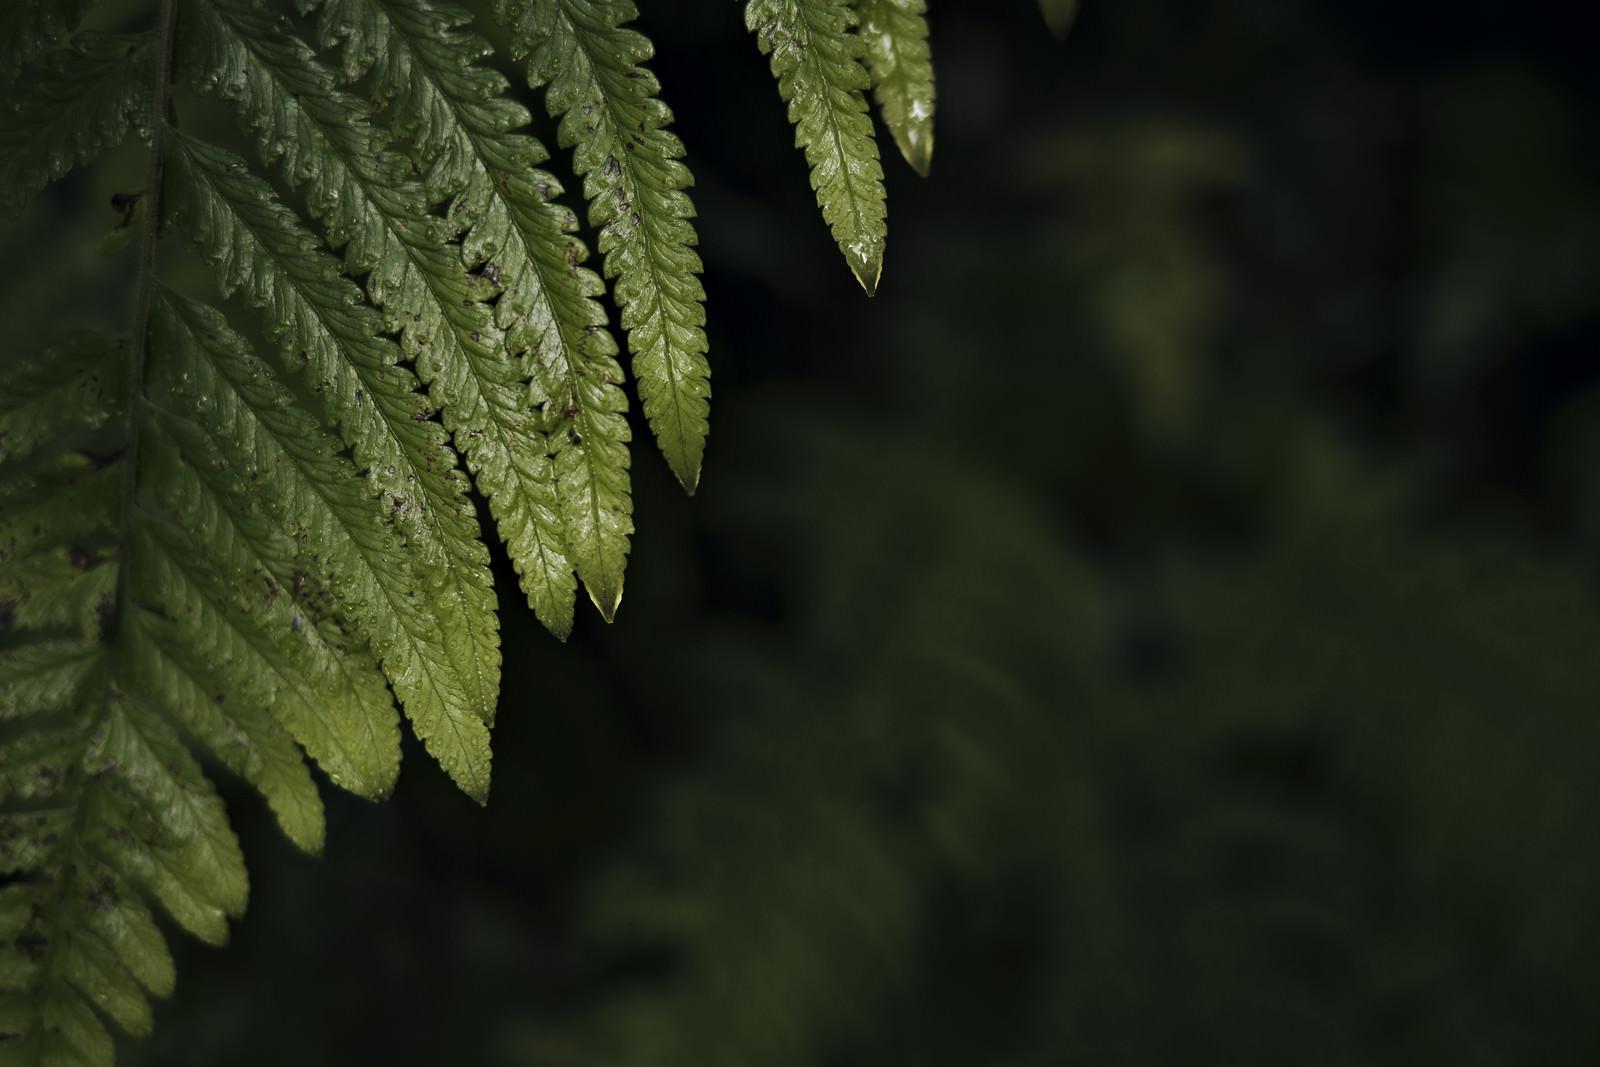 「シダの先端から滴る雫」の写真